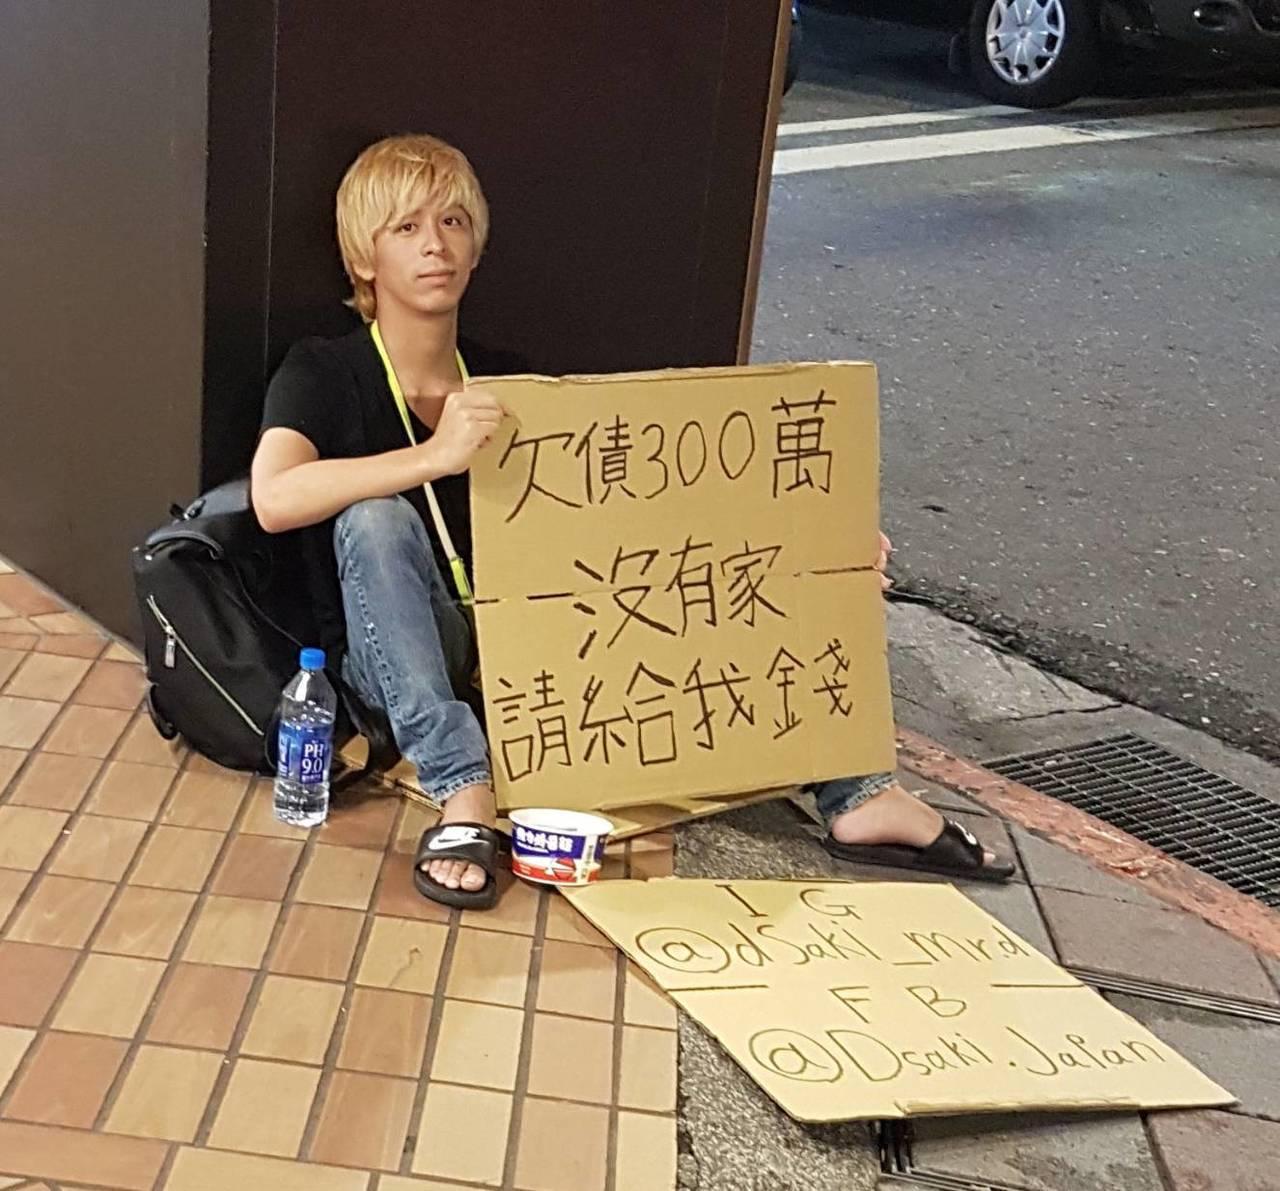 日本籍YouTuber「Mr.D」昨晚坐在台北市林森北路、南京西路口的麥當勞柱下...